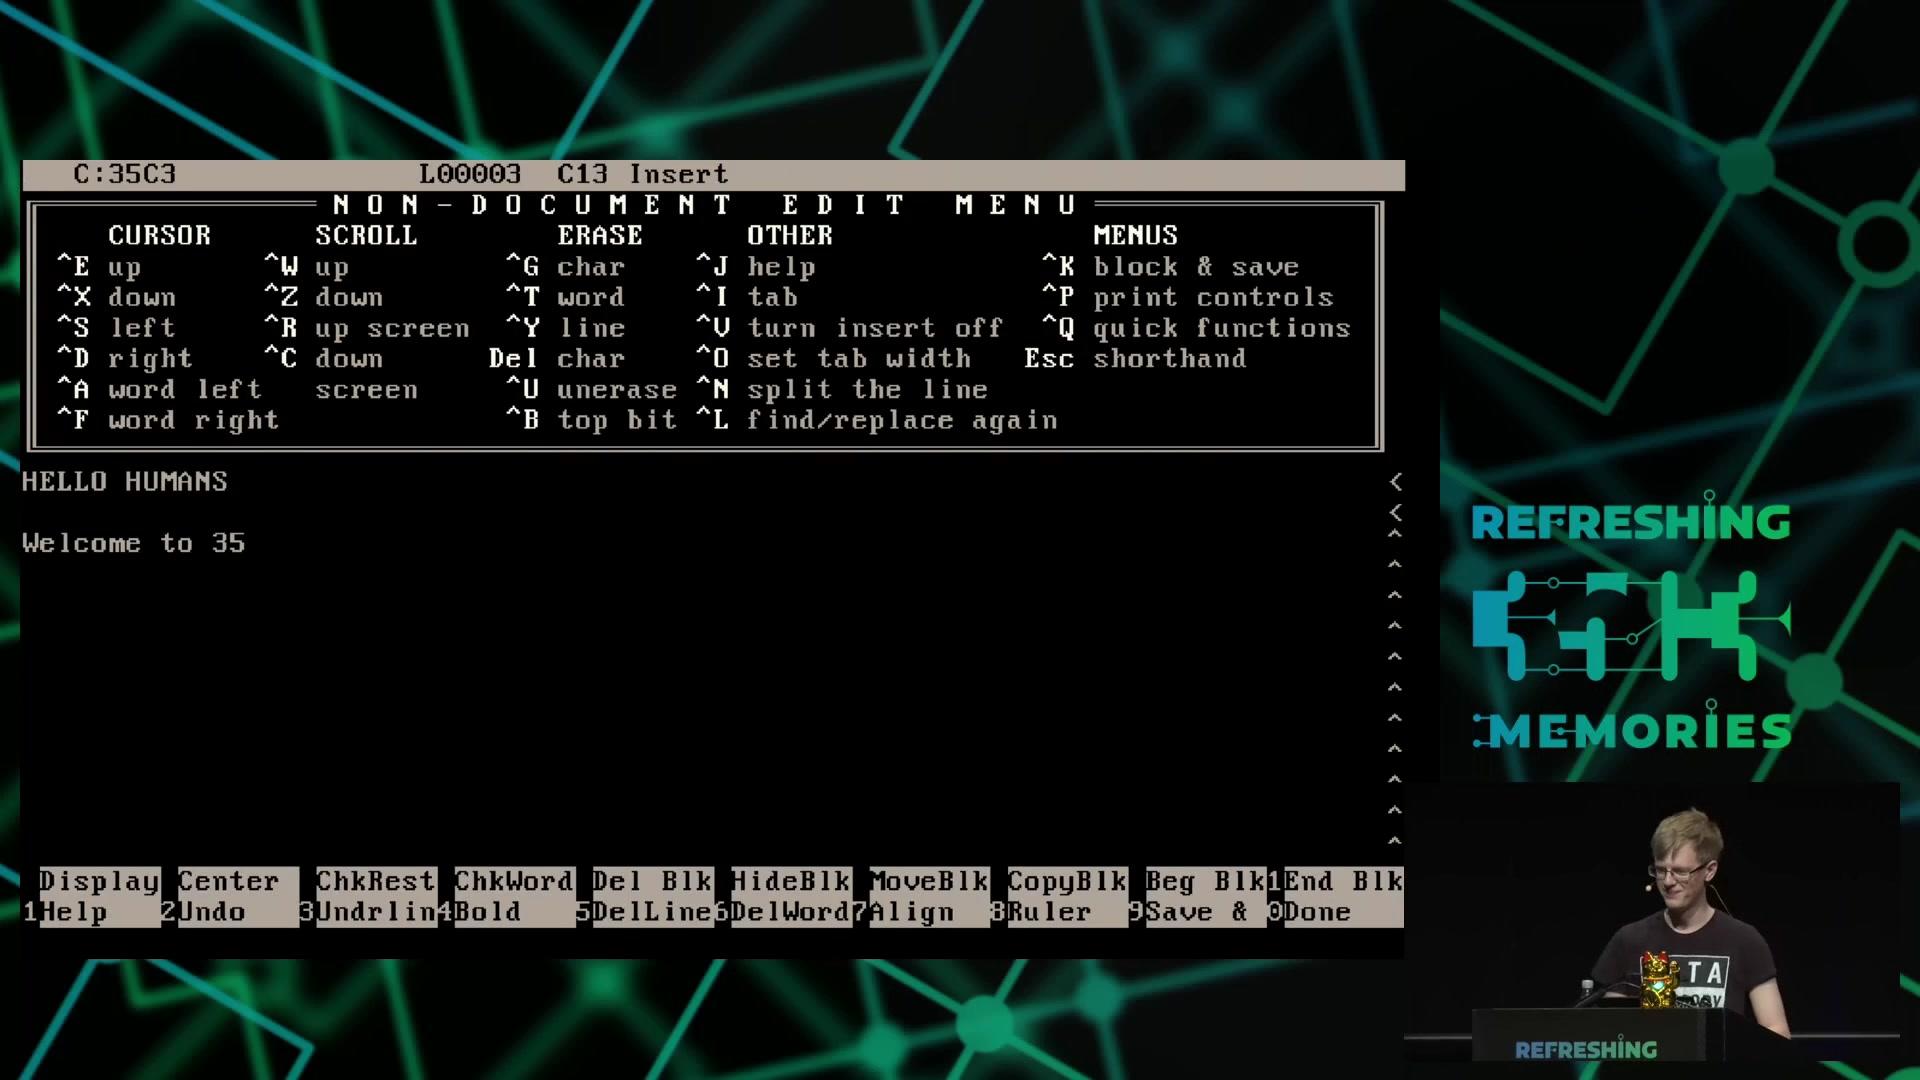 media ccc de - A deep dive into the world of DOS viruses